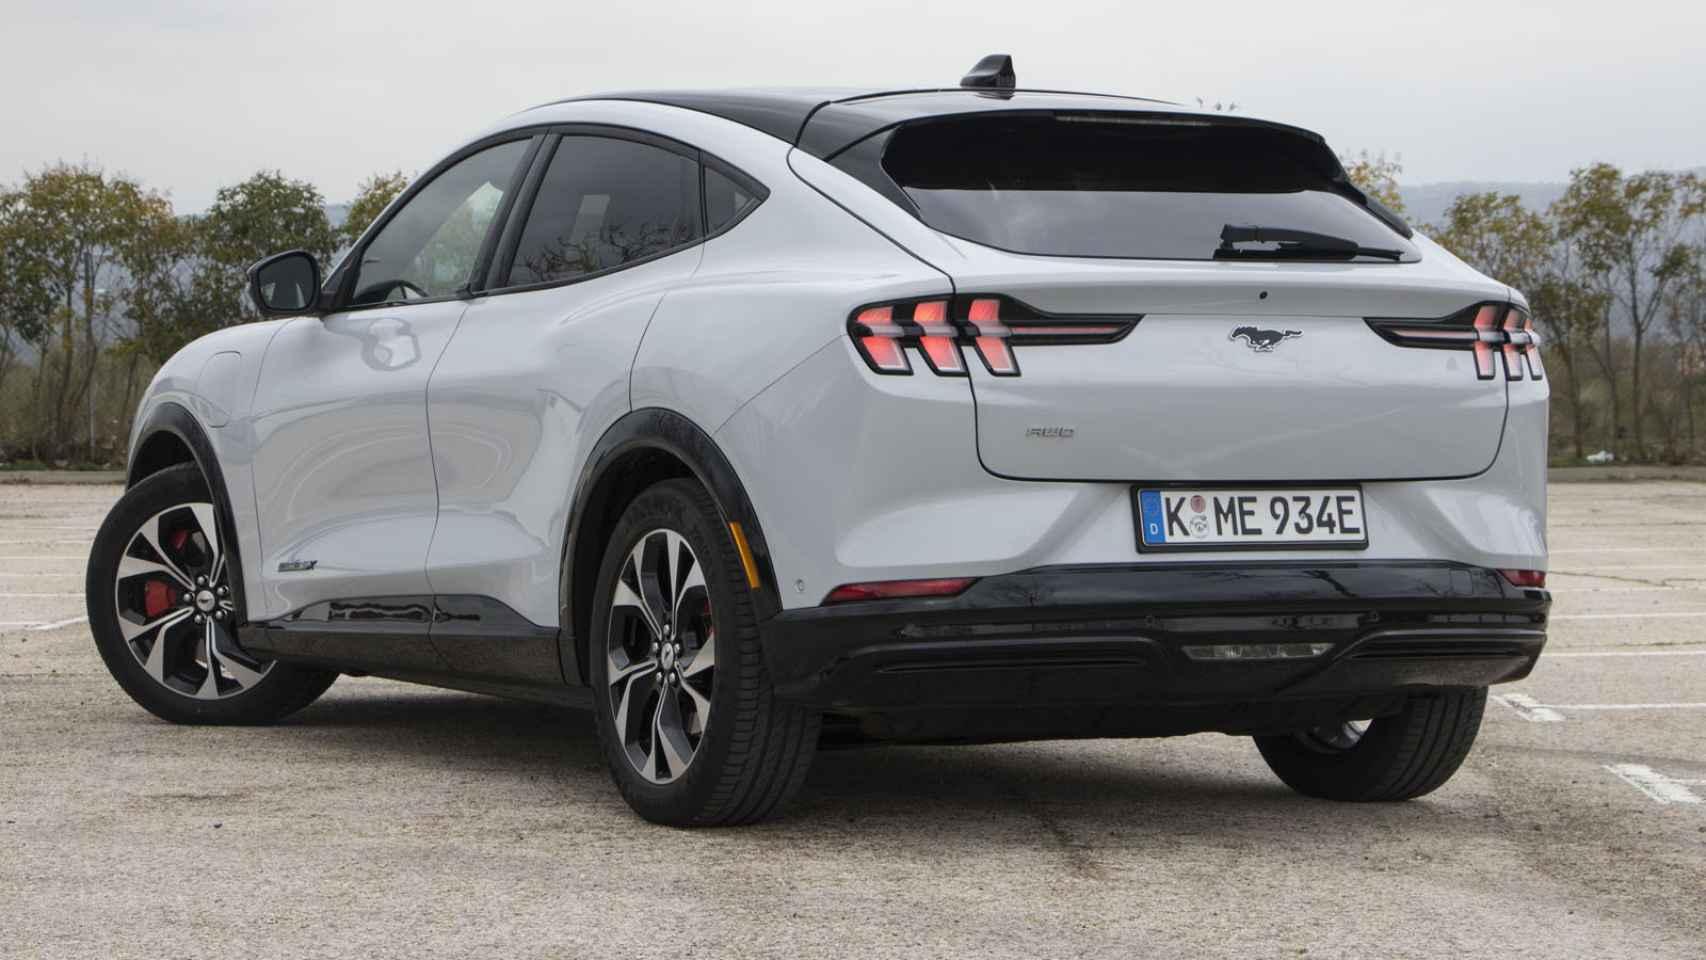 Todas las fotos del nuevo Ford Mustang Match-E, el nuevo SUV eléctrico